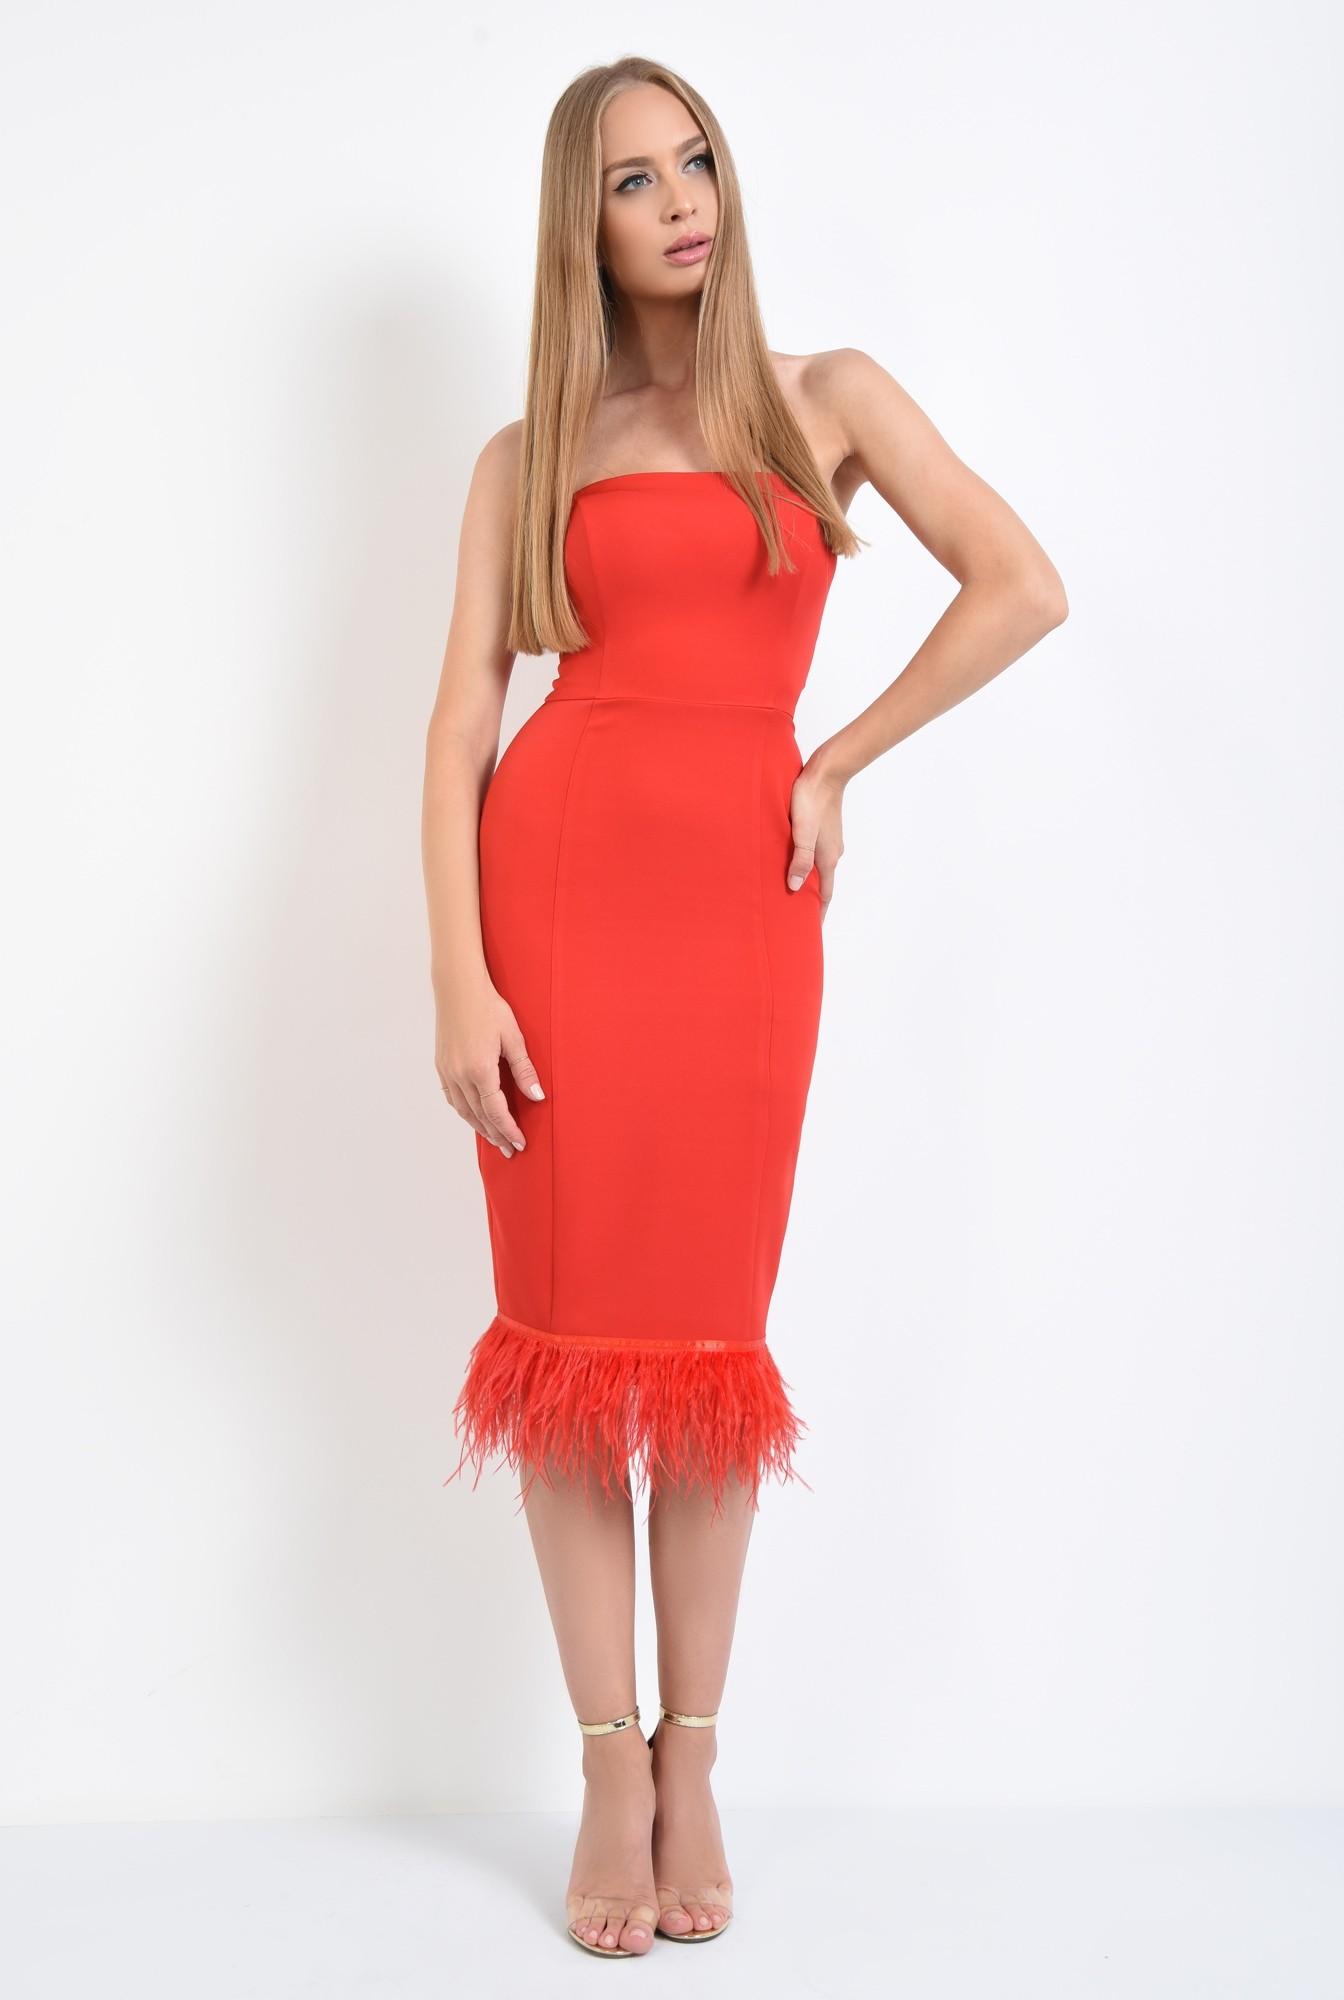 3 - rochie eleganta, rosu, corset